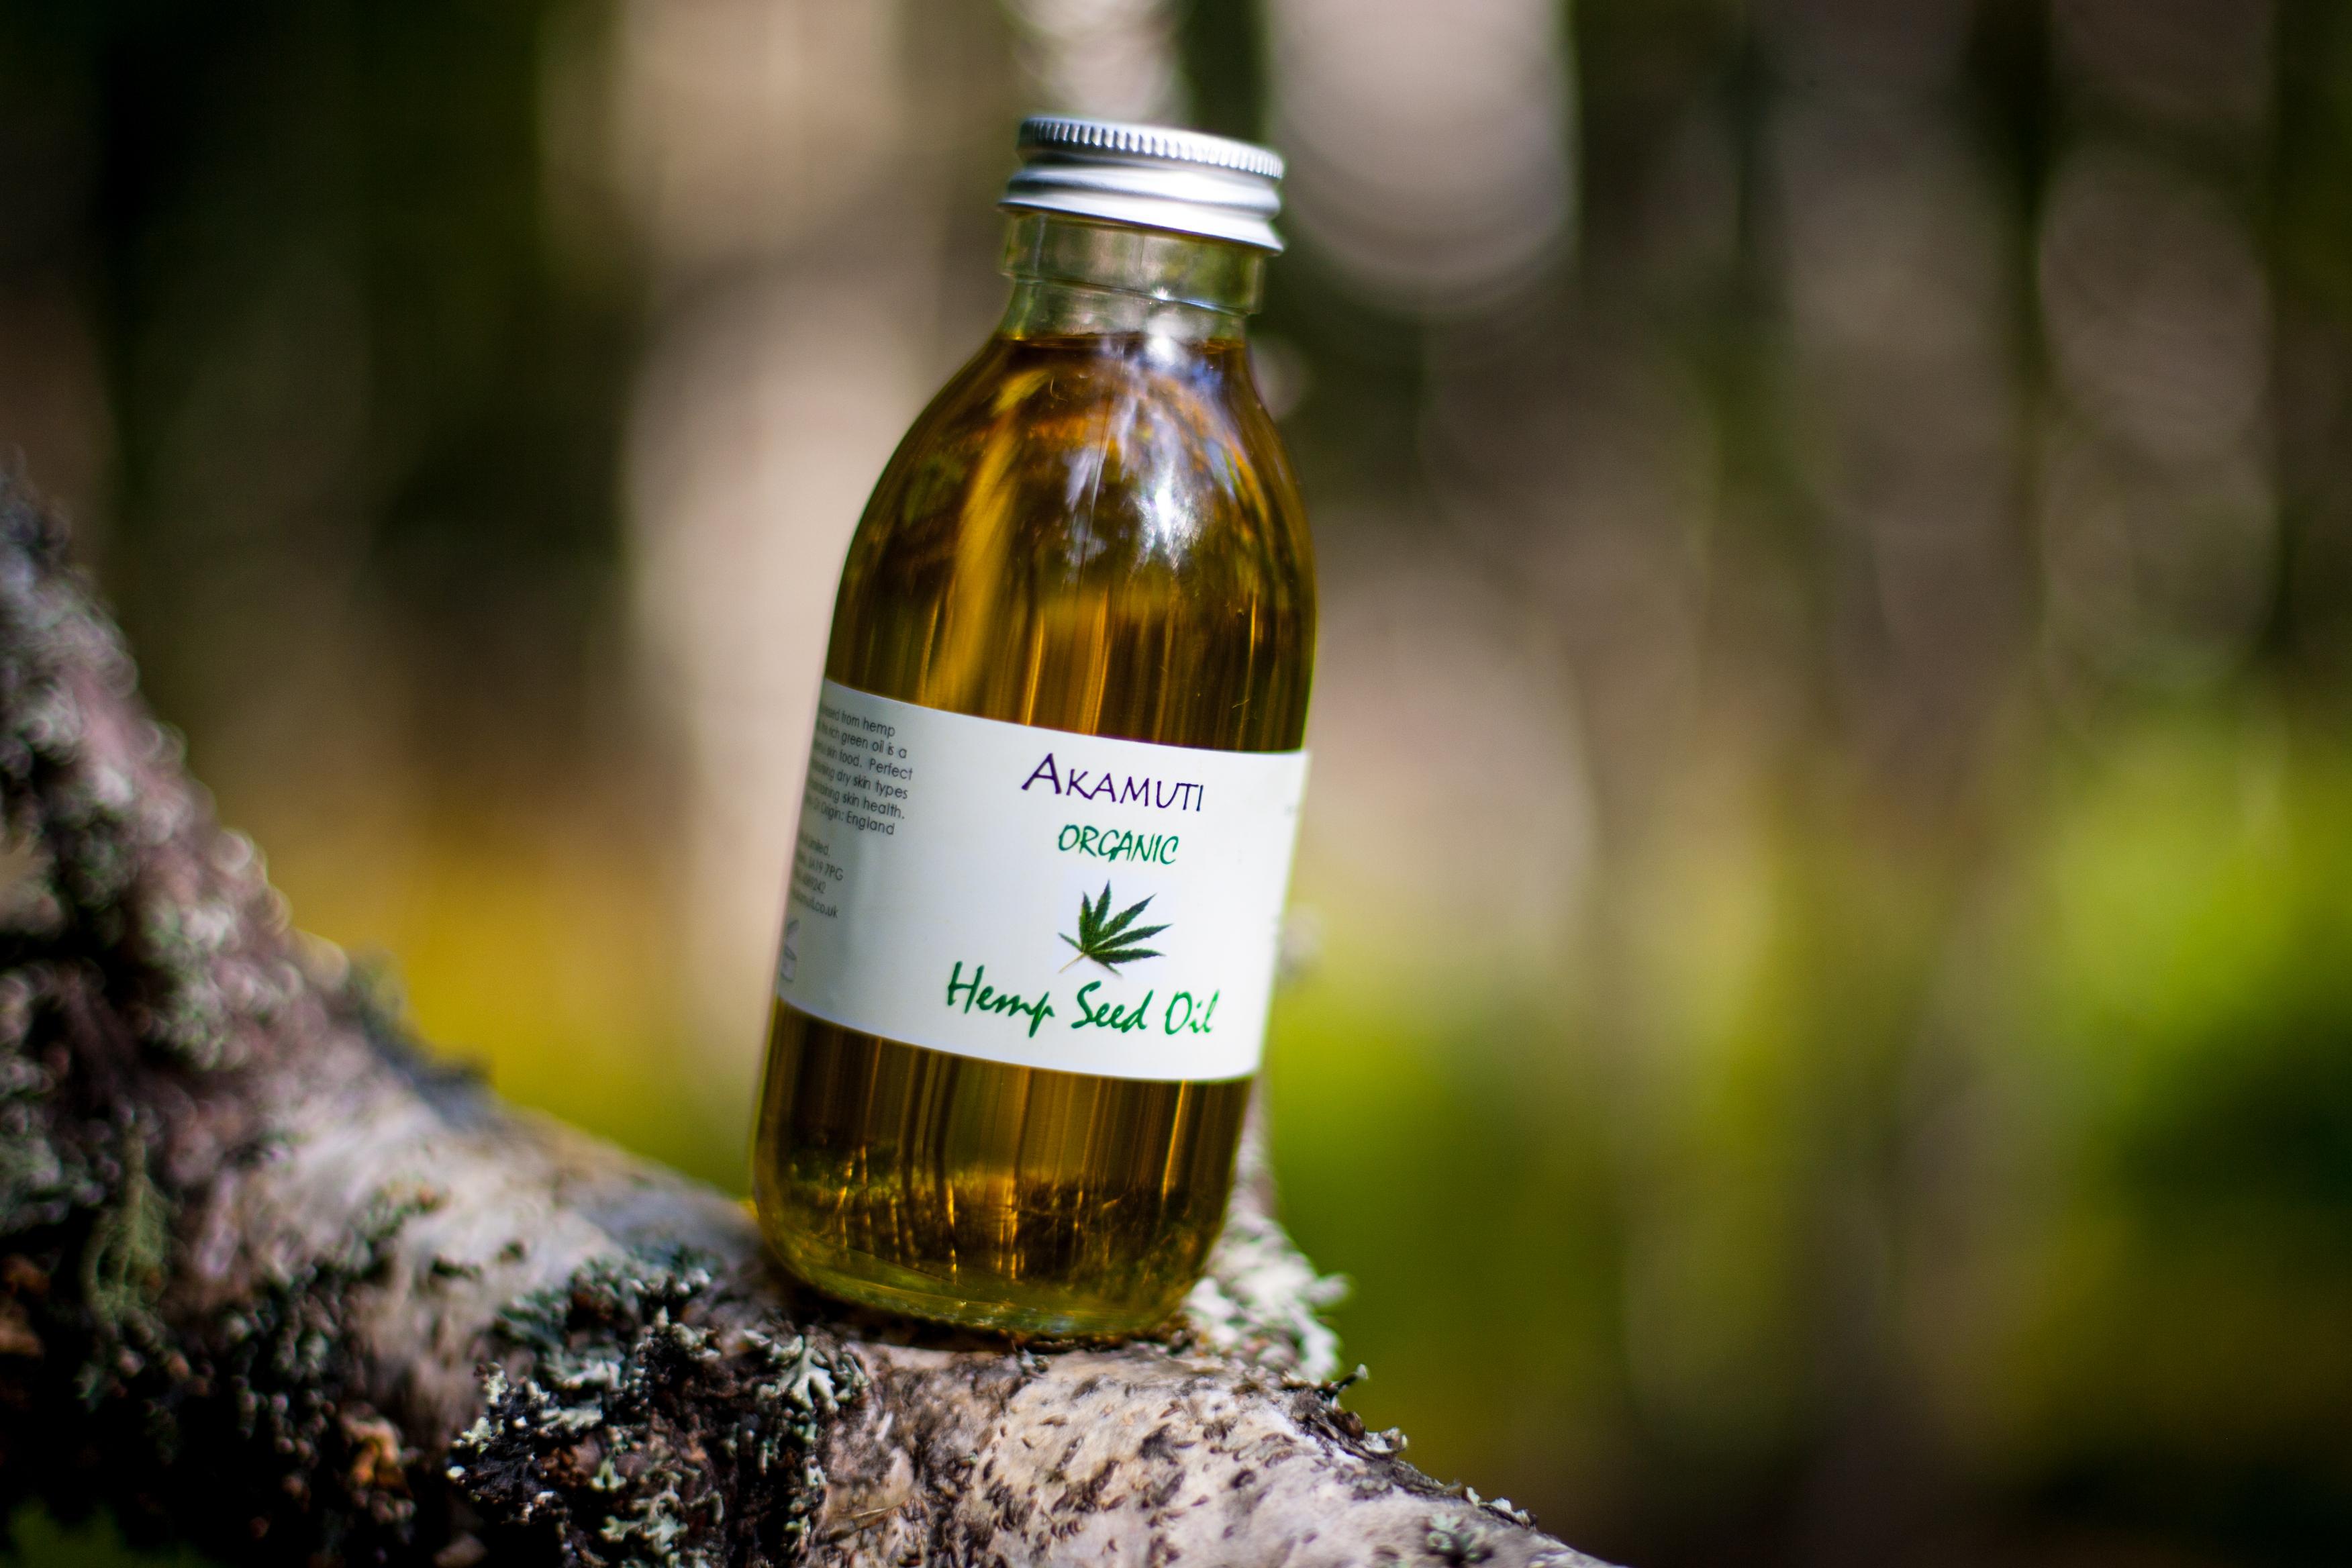 Hampaoljan är rik på proteiner som hjälper till att bygga upp hårstrået.